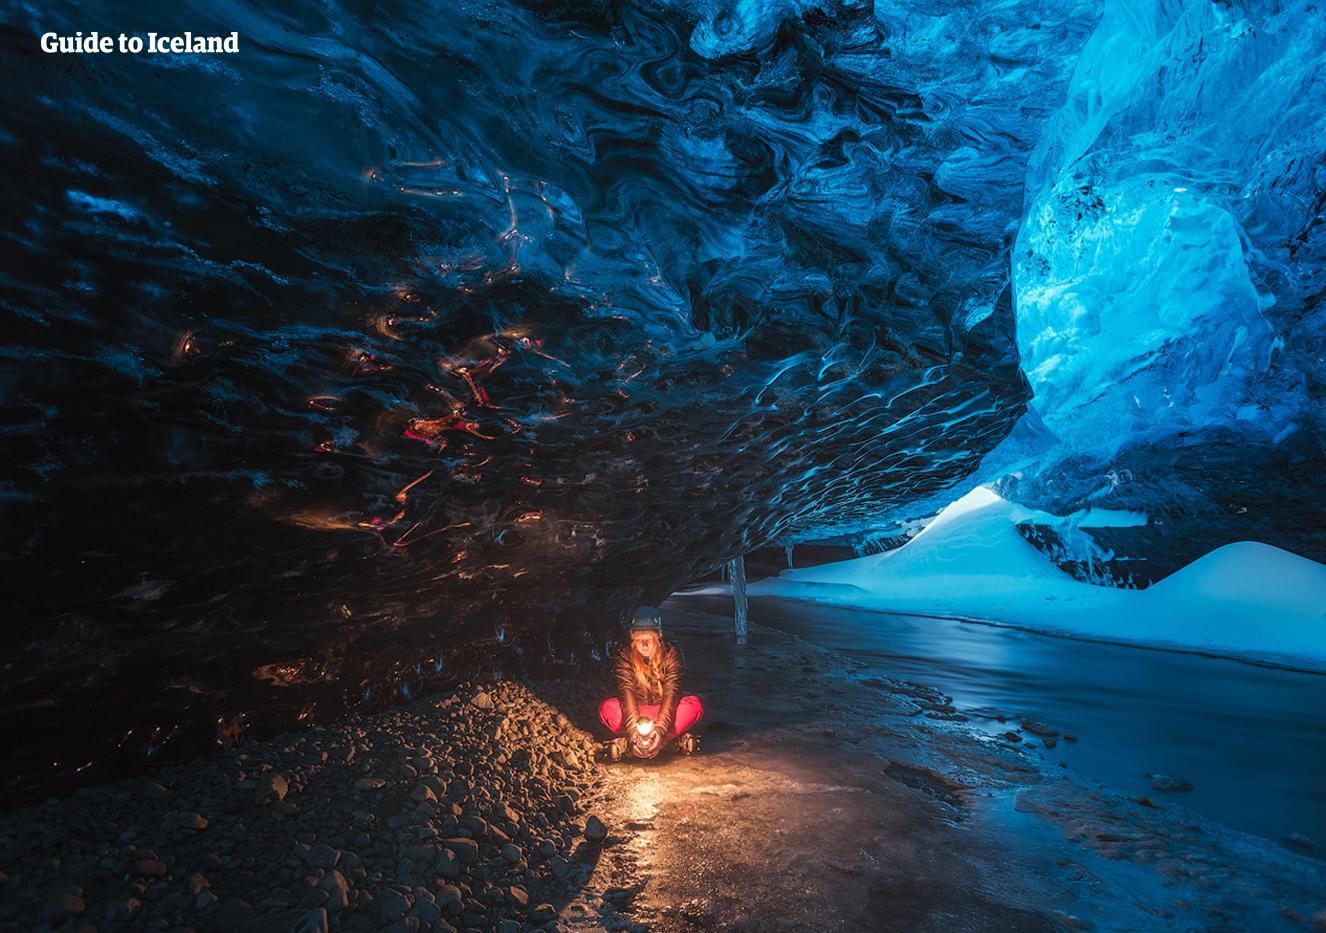 Séjour hiver de 5 jours | Cercle d'Or, Grotte de glace, Aurores boréales & Blue Lagoon